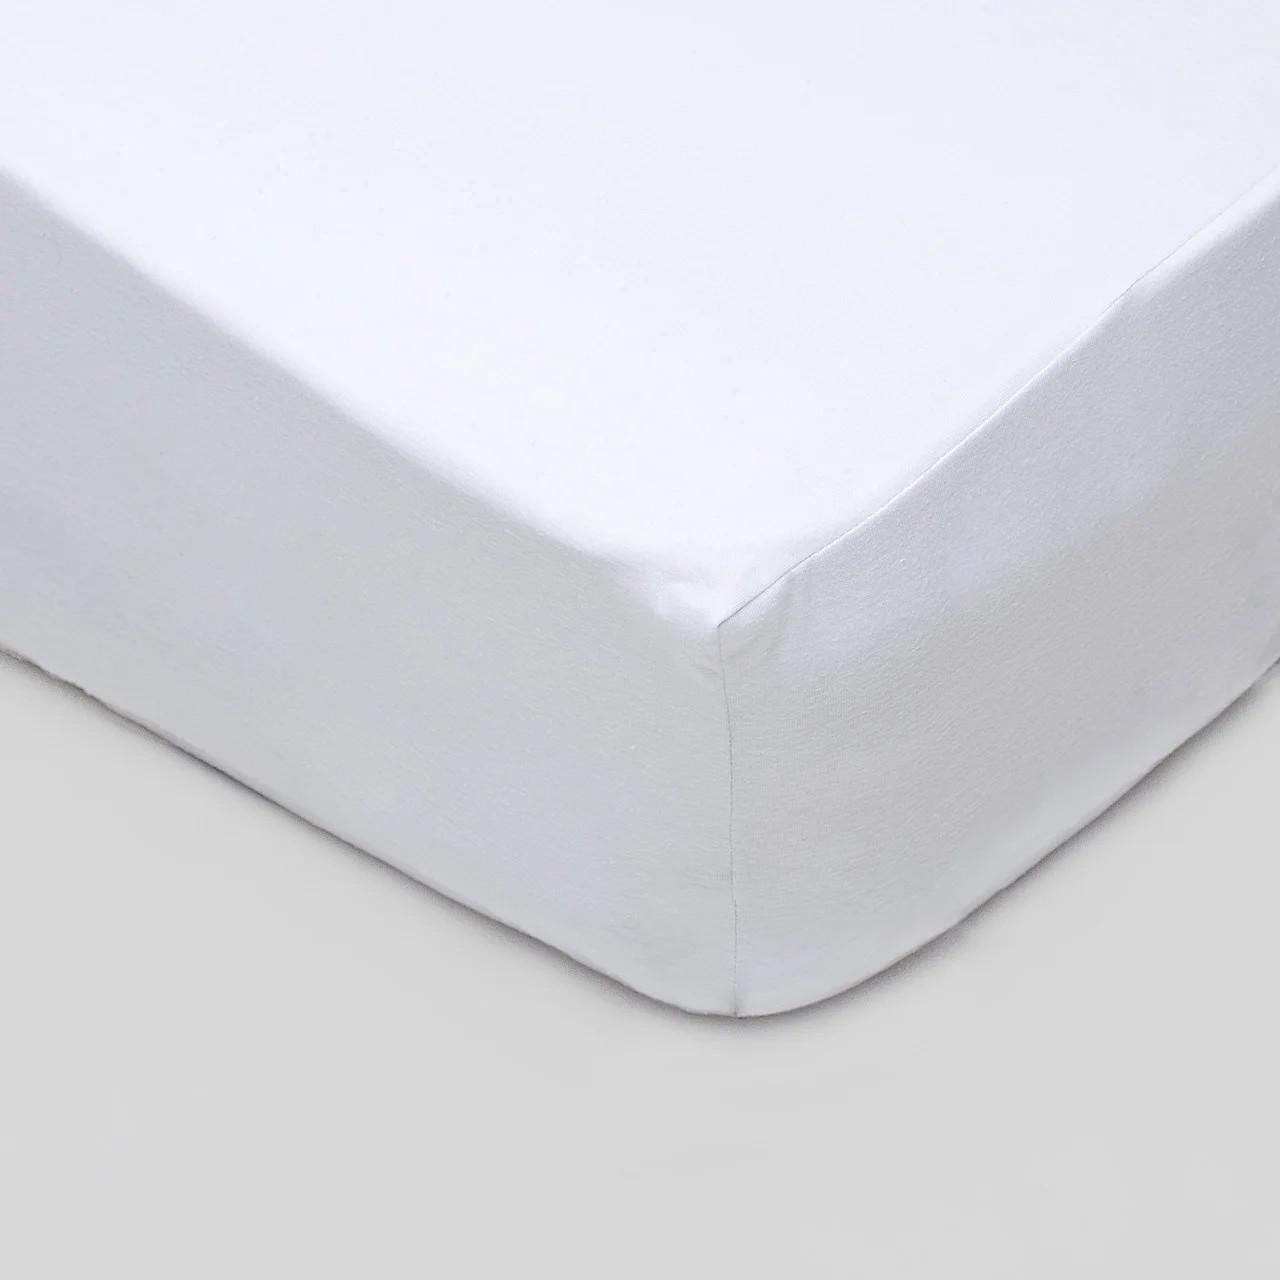 Непромокаемая простынь - наматрасник LB, 180*200